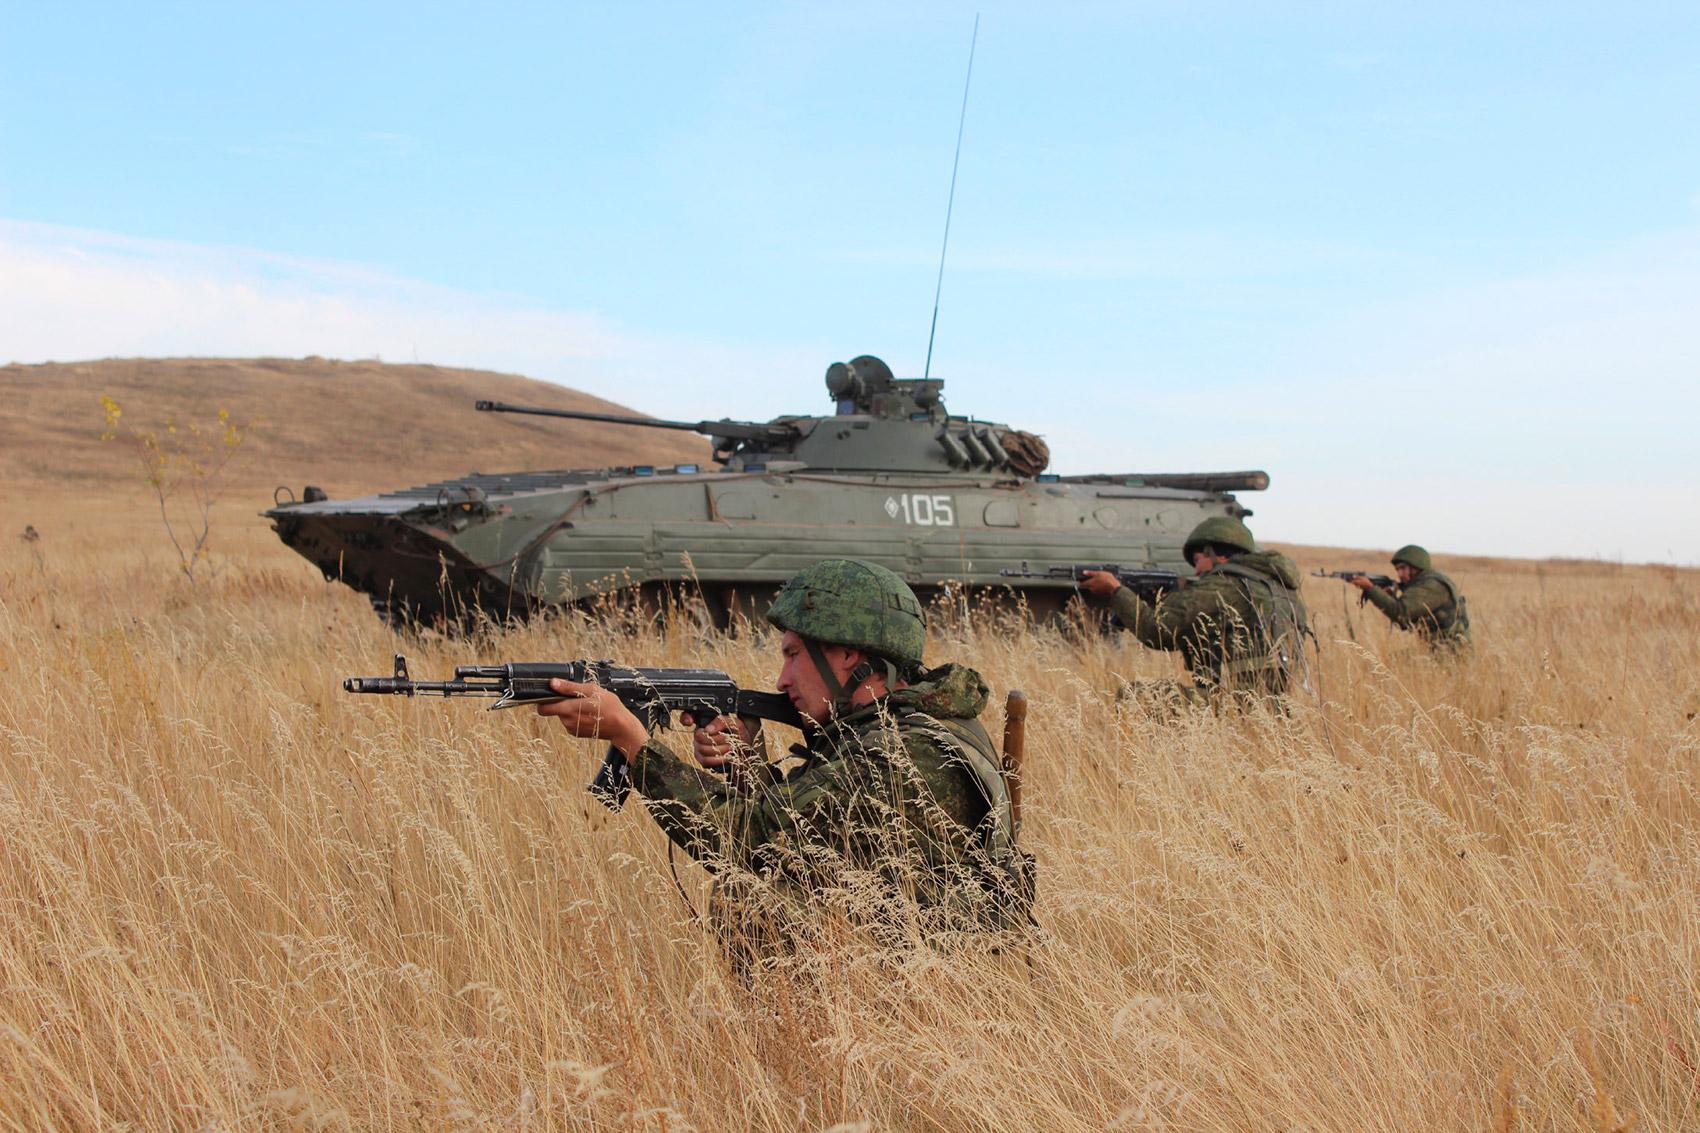 Десантники рядом с БМП-2 на военных учениях в Оренбургской области.